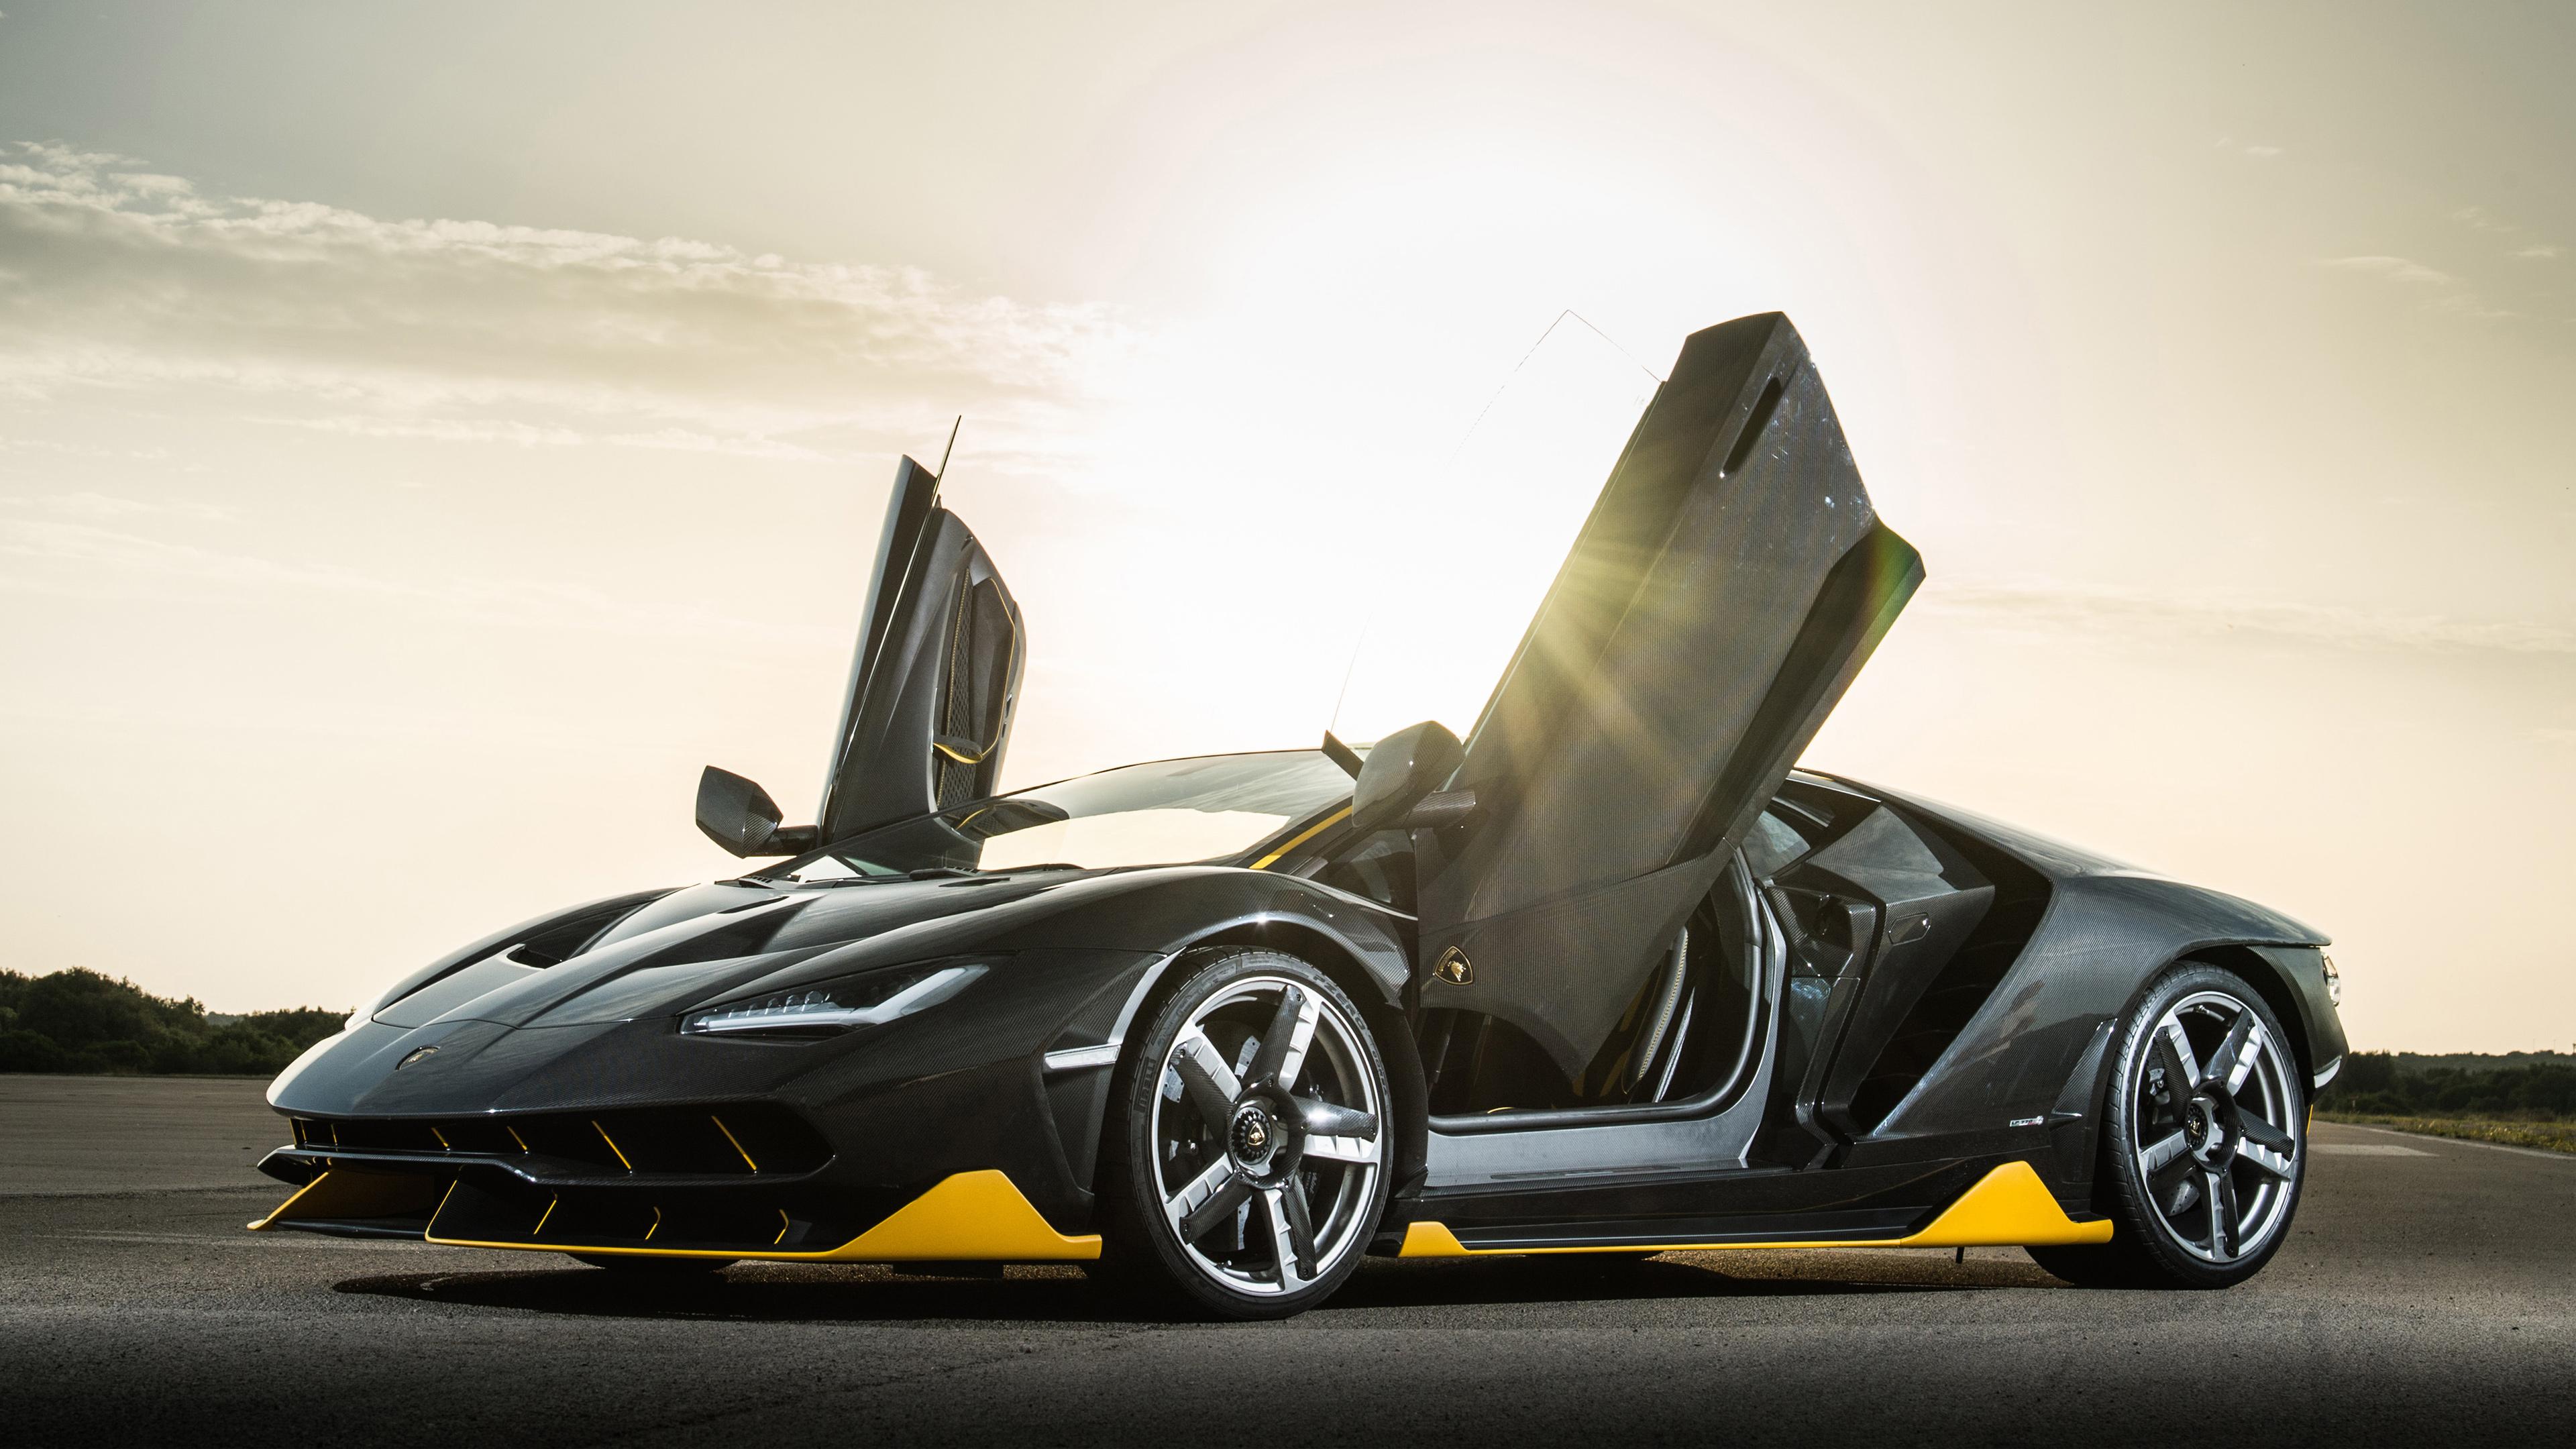 Lamborghini Centenario 4k Wallpaper Hd Car Wallpapers Id 6771